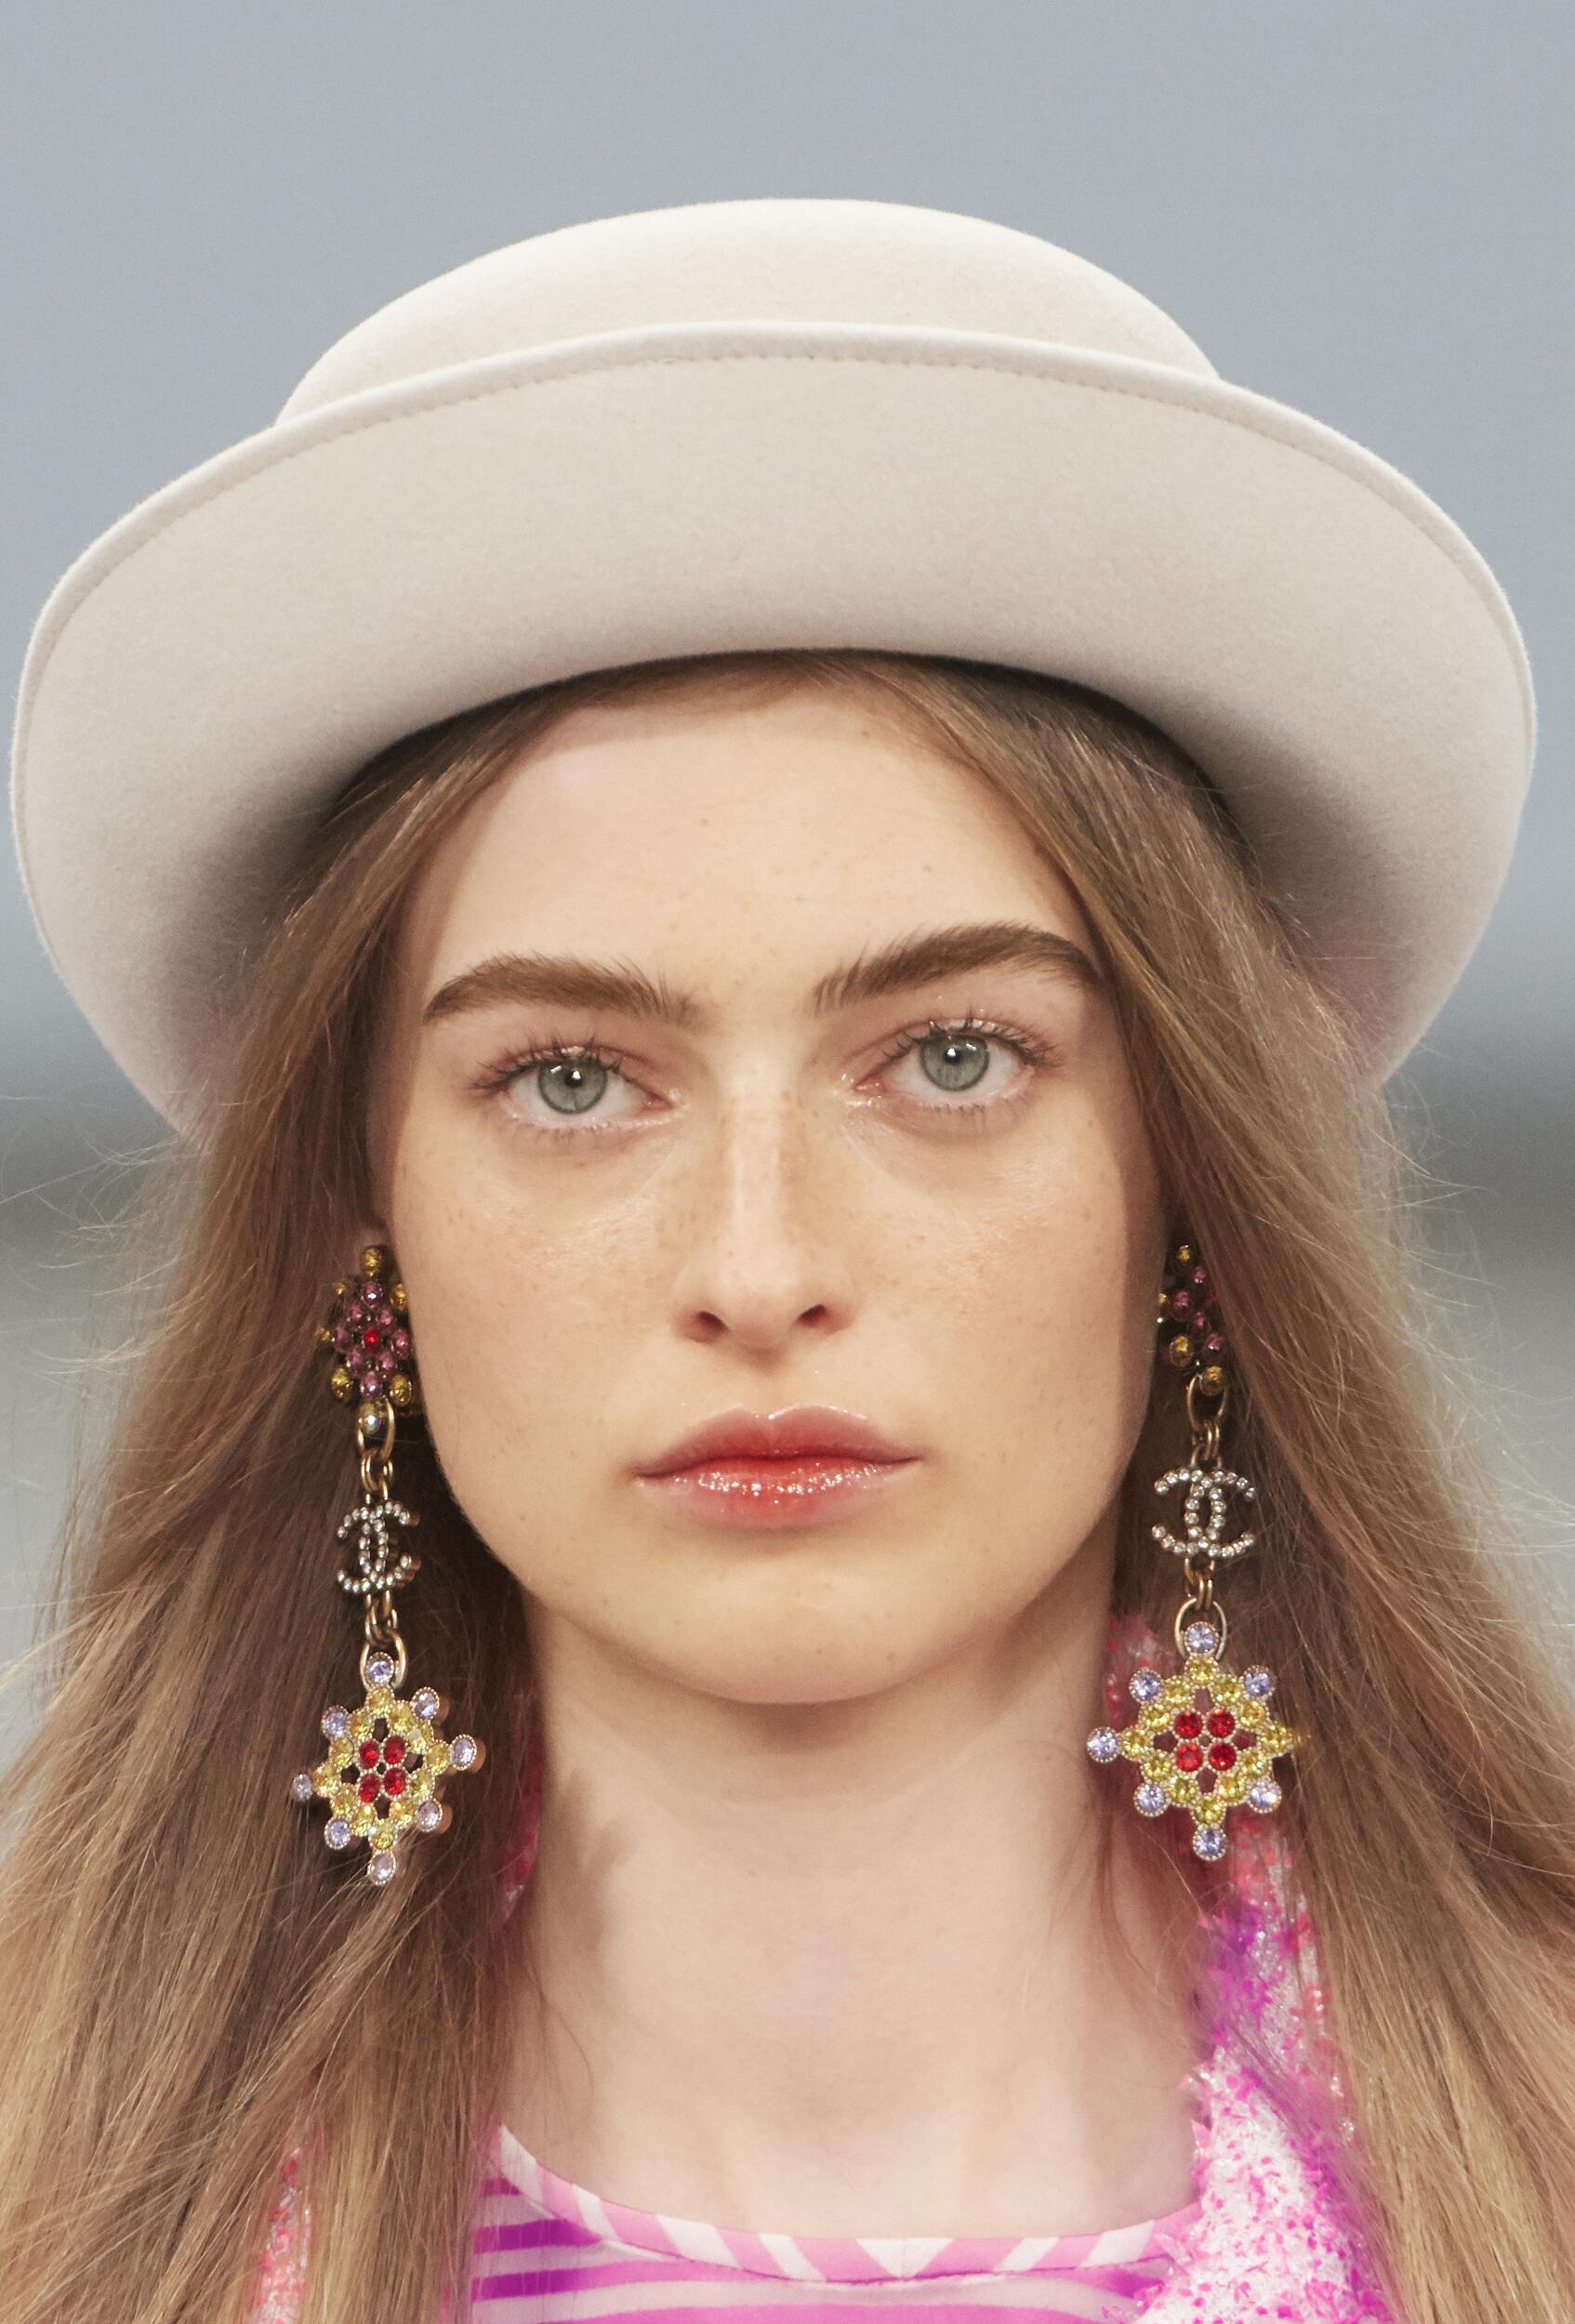 SS 2020 Chanel Model Portrait